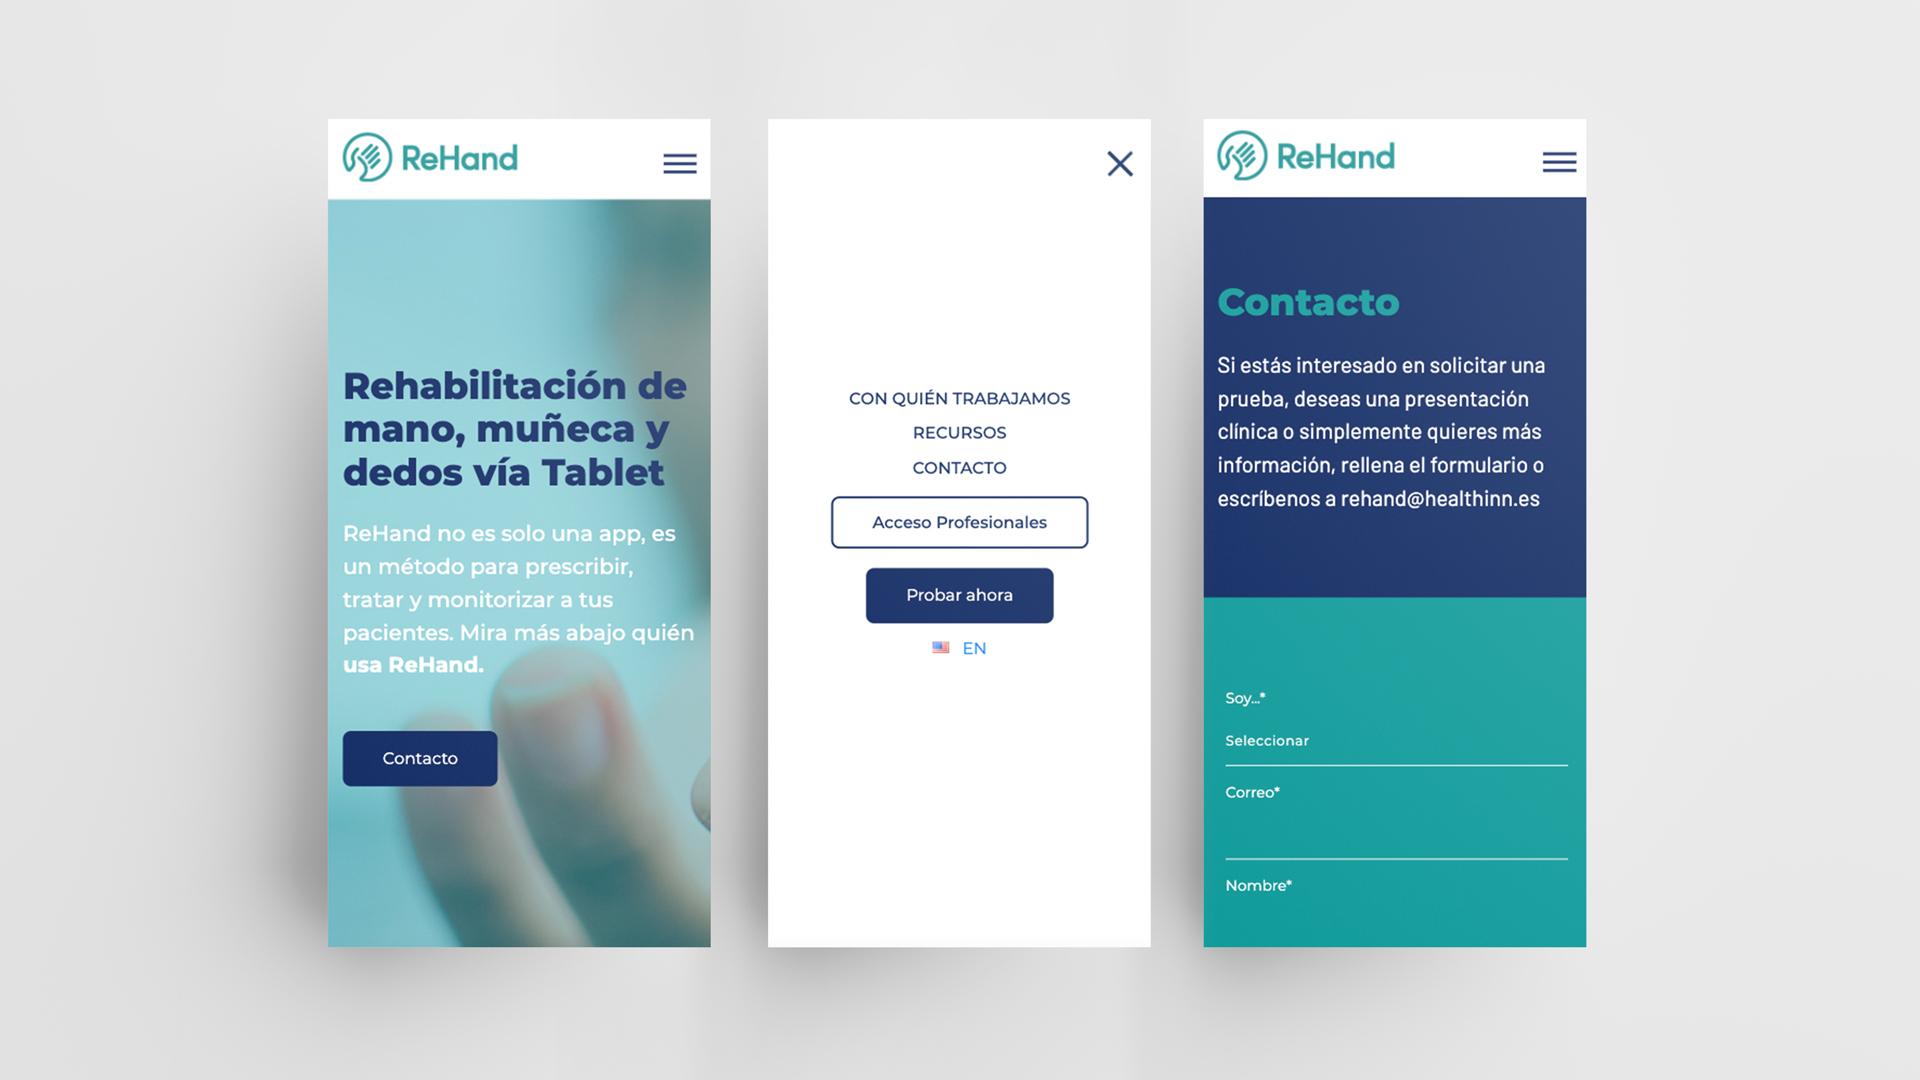 Proyecto App Rehand creado por la agencia de marketing Eiduo